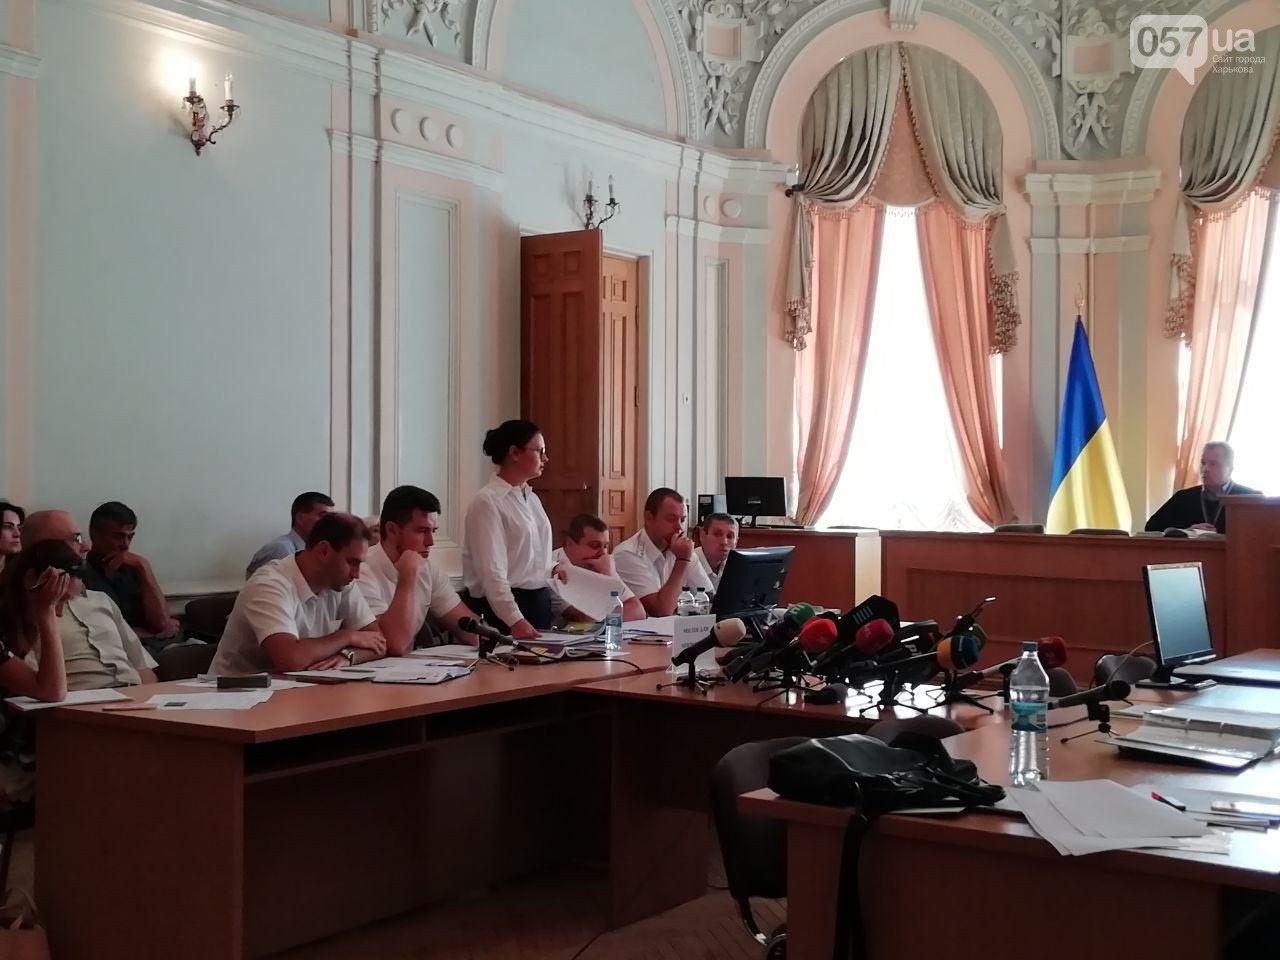 Апелляция по ДТП на Сумской и снесенный блокпост на Безлюдовке. Самые важные события за прошедшую неделю, - ФОТО, фото-2